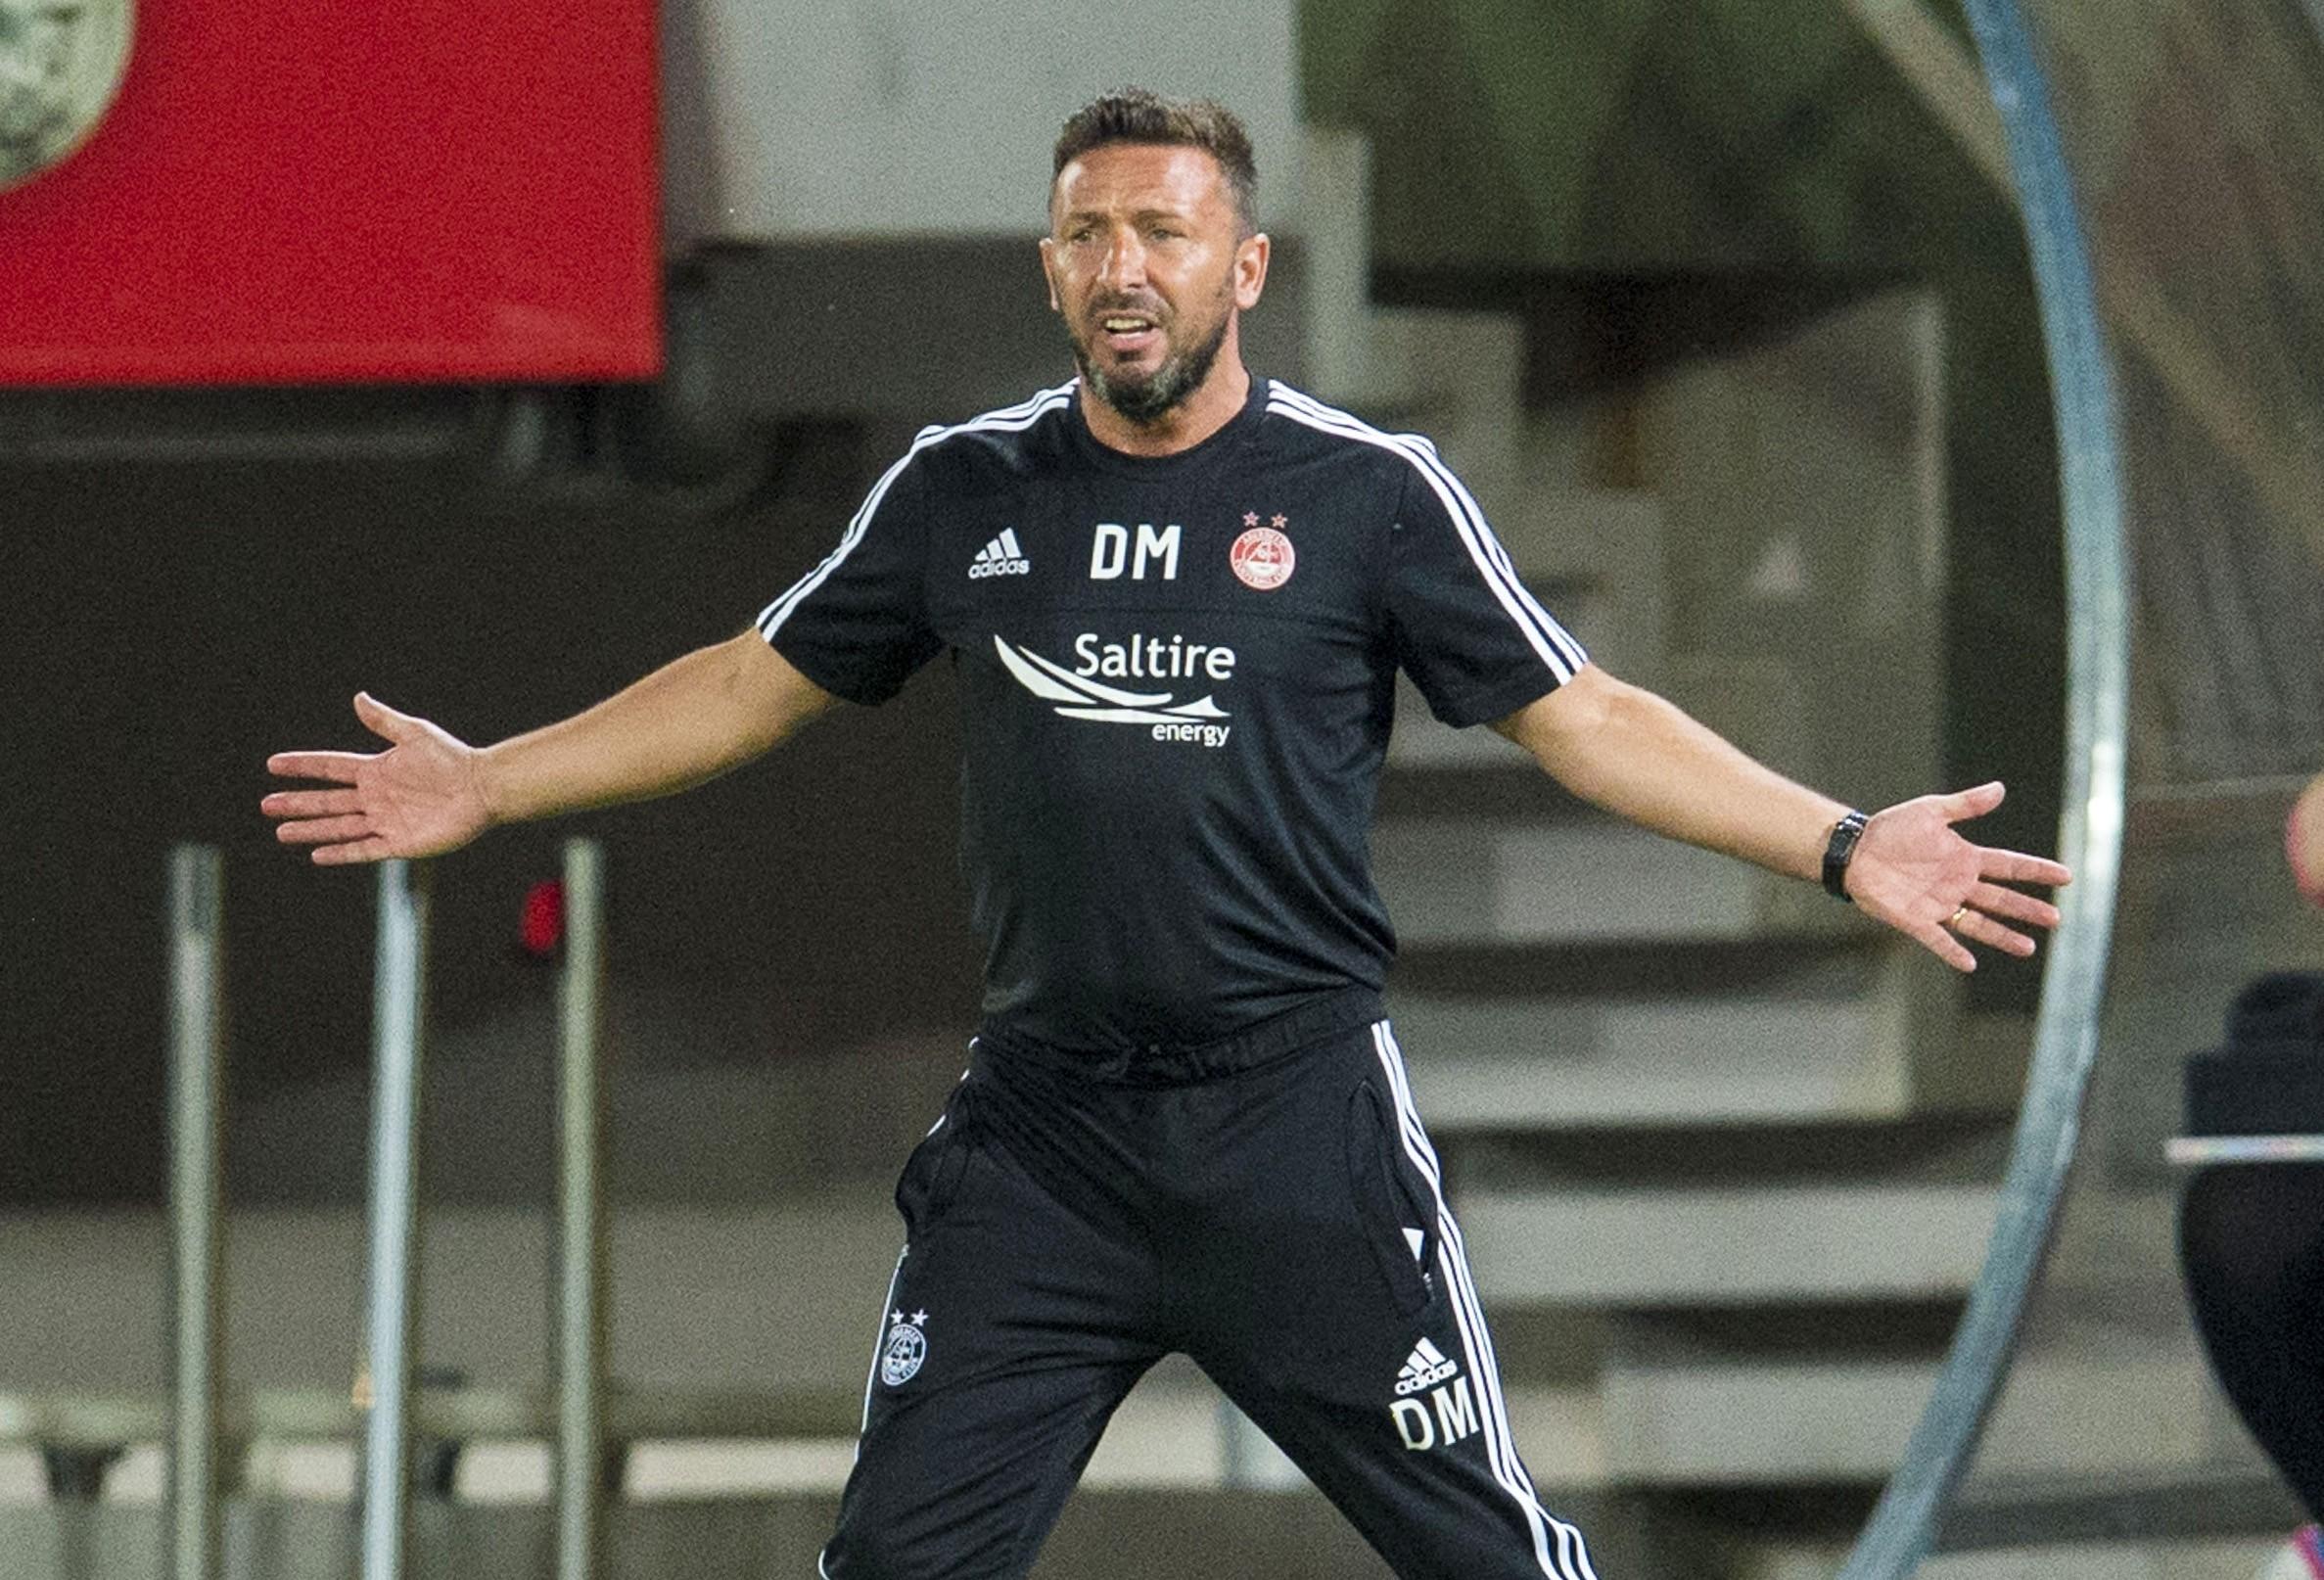 KF Shkendija 1-1 Aberdeen: Dons earn Europa League draw in Macedonia